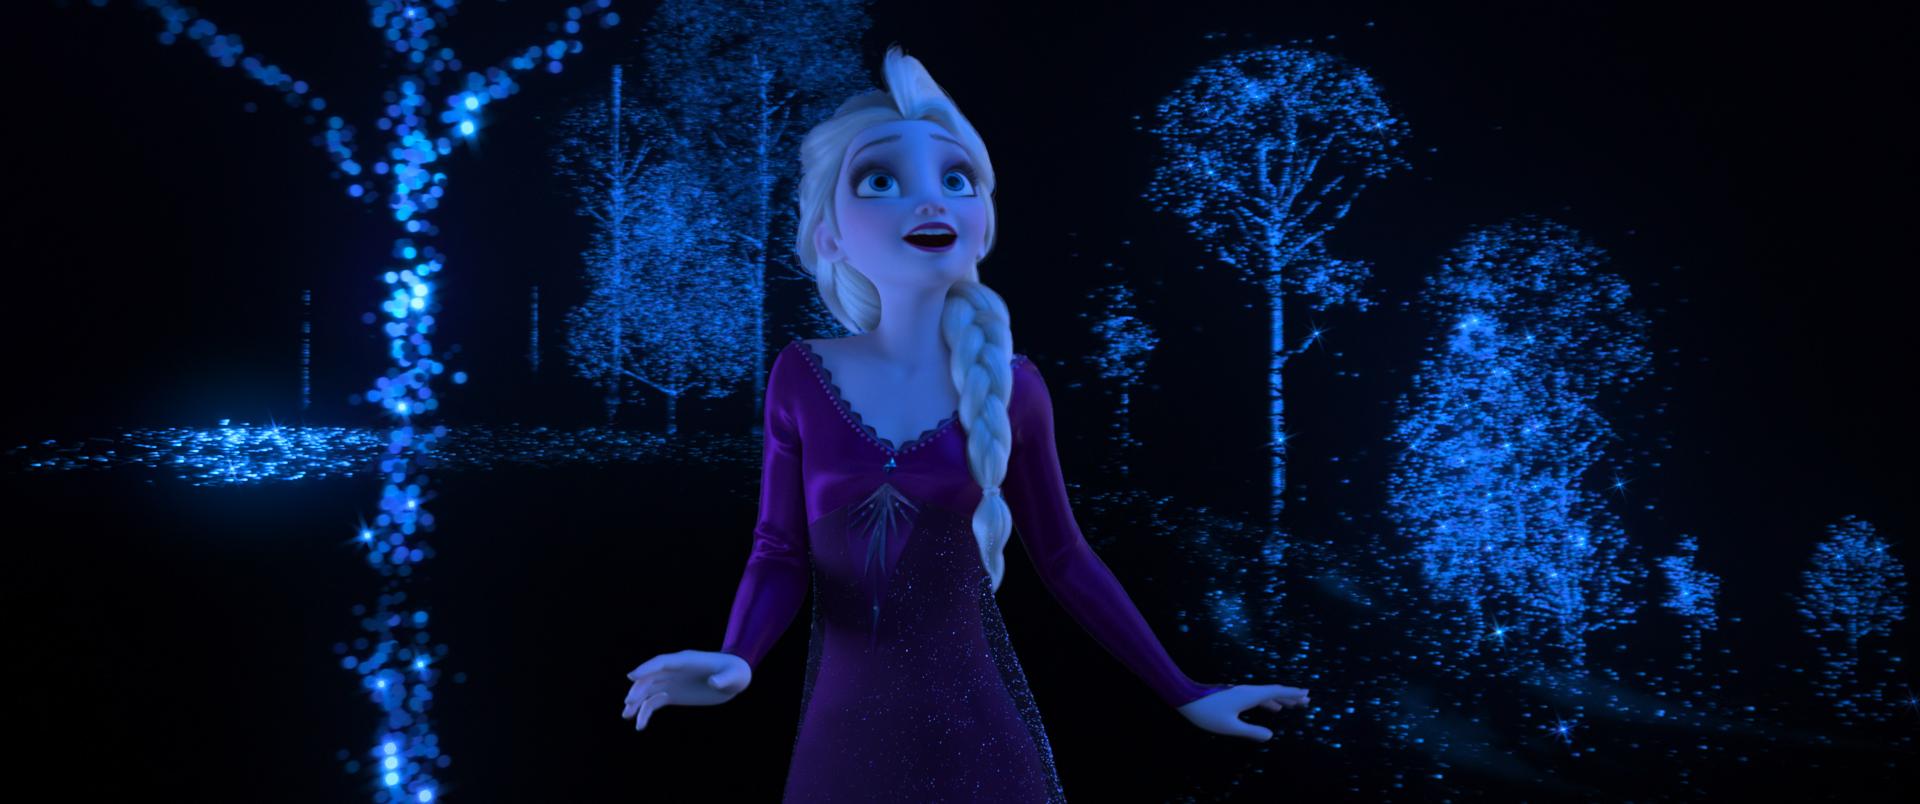 Breaking Frozen 2 news: Elsa wears PURPLE!